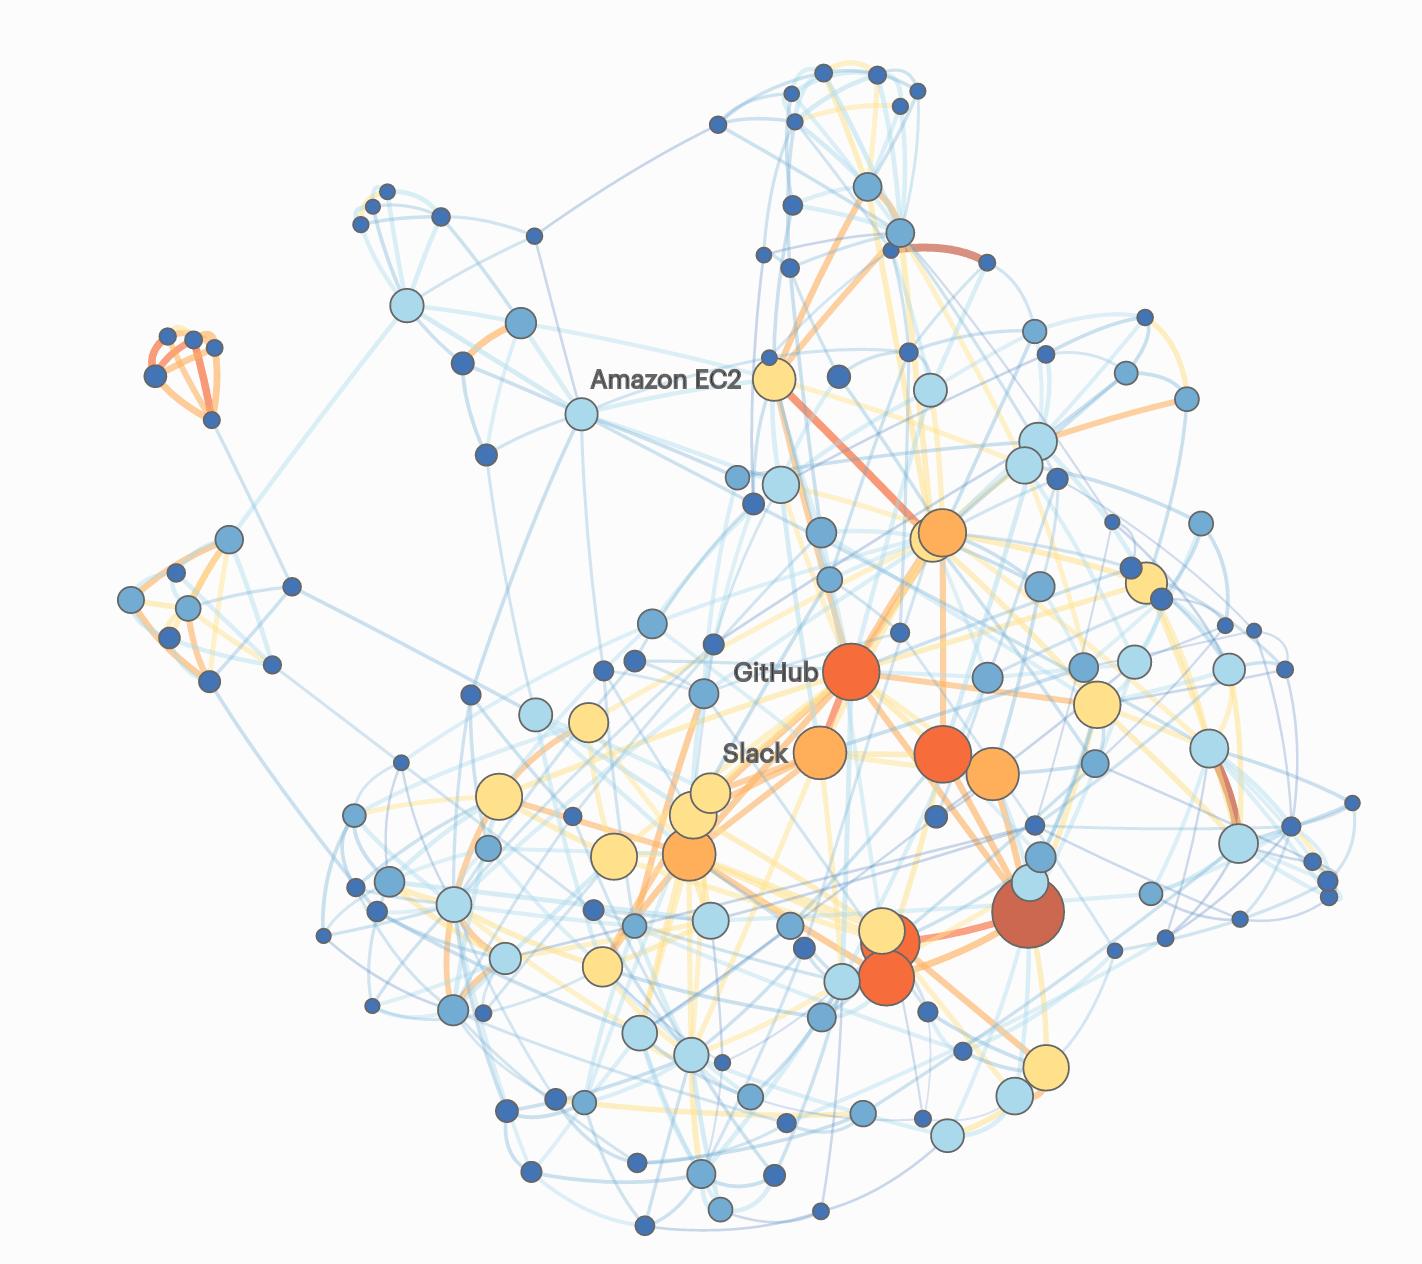 Stackshare Graph Analysis